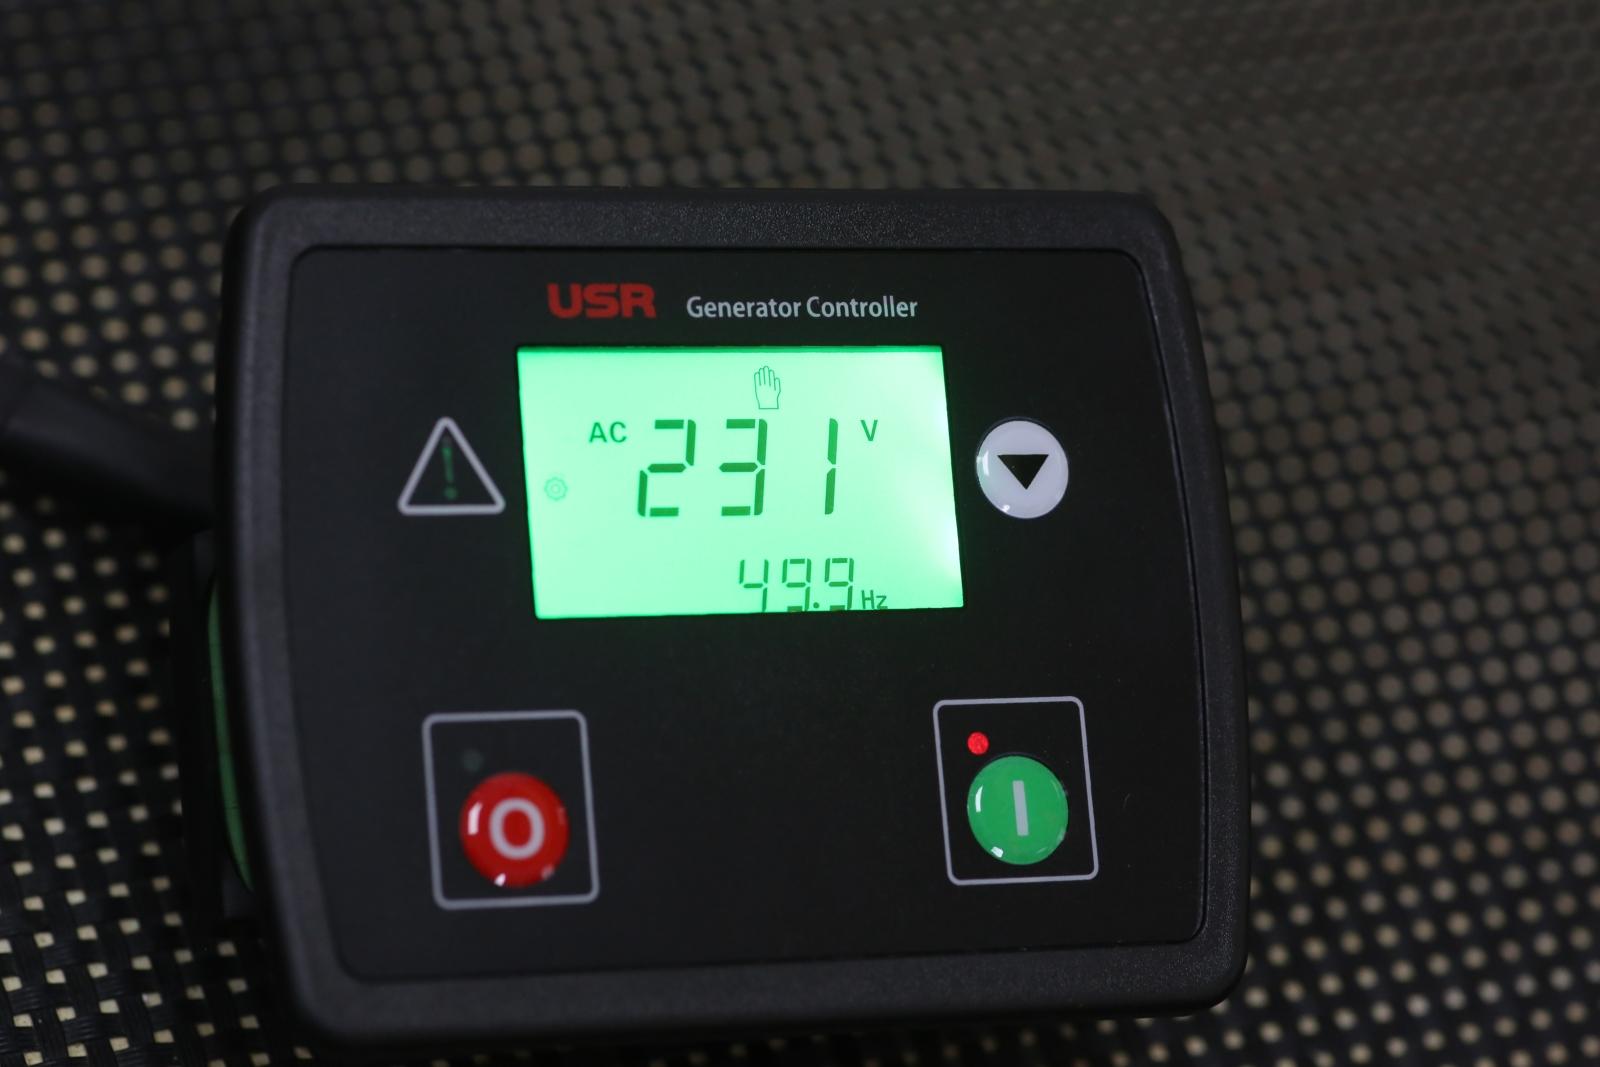 Zurrschienen.com - Fernbedienung für das USR TEC30 LPG.